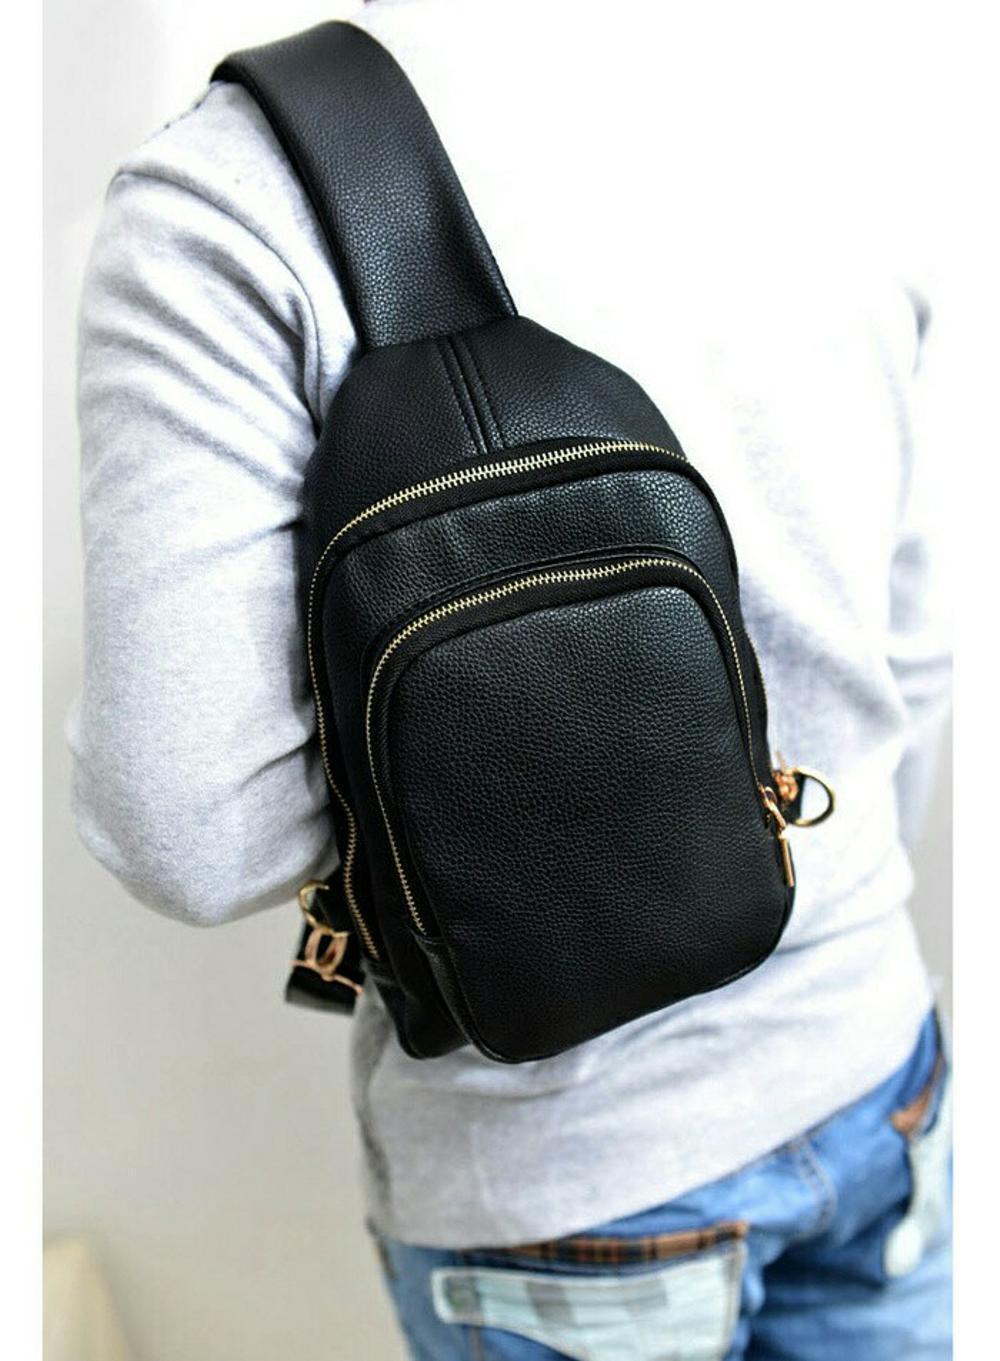 tas sling bag pria - tas selempang kulit - tas kuliah kampus punggung dada - tas import - tas murah - tas terbaru - tas kekinian - tas cewek batam di lapak pelangi_bag bagusia08